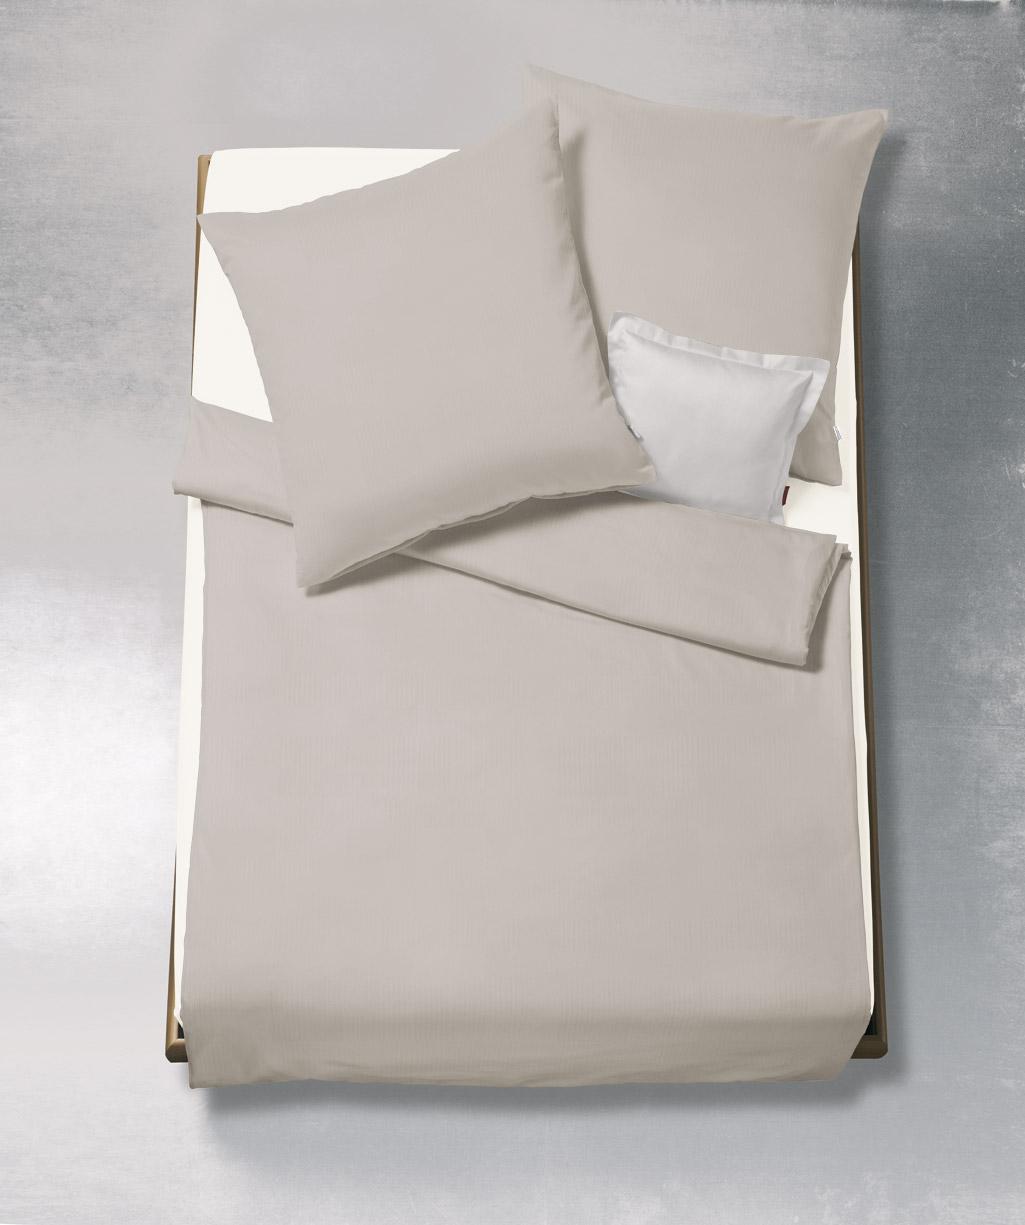 Kissenhülle aus bügelfreiem Interlock-Jersey mit Fischgrat Design